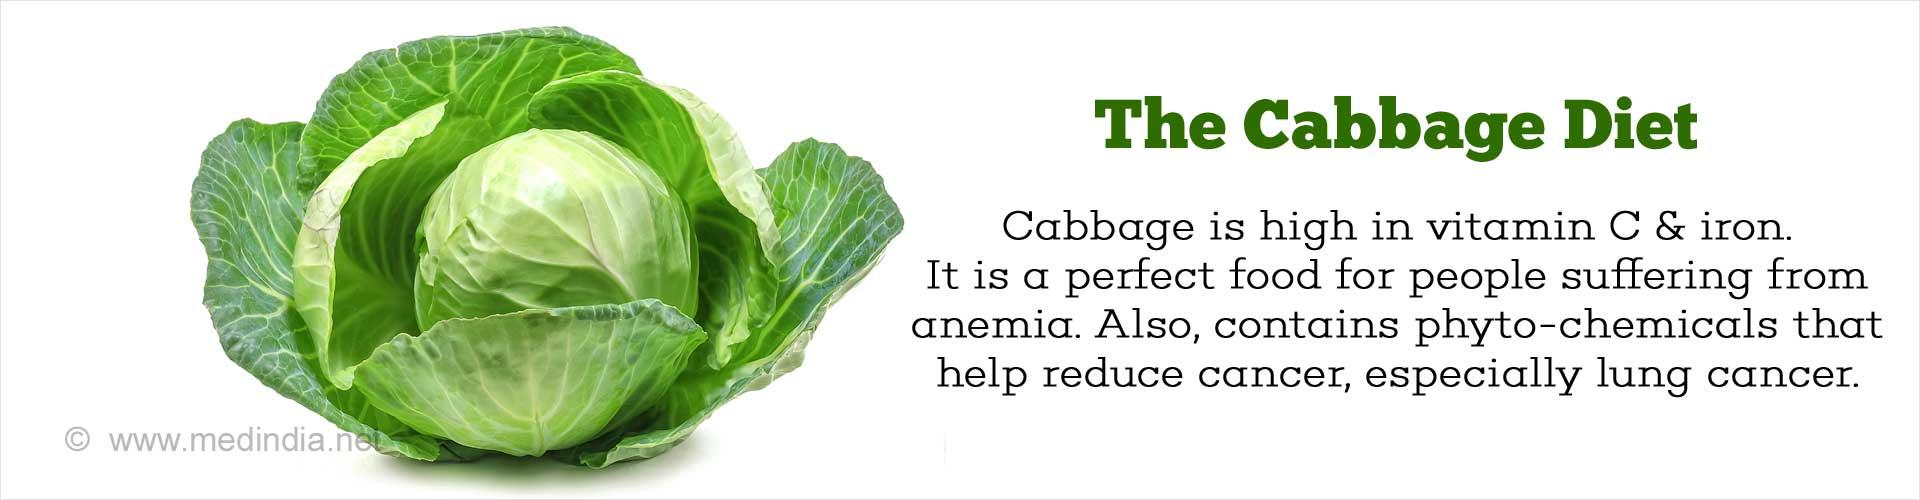 The Cabbage Diet